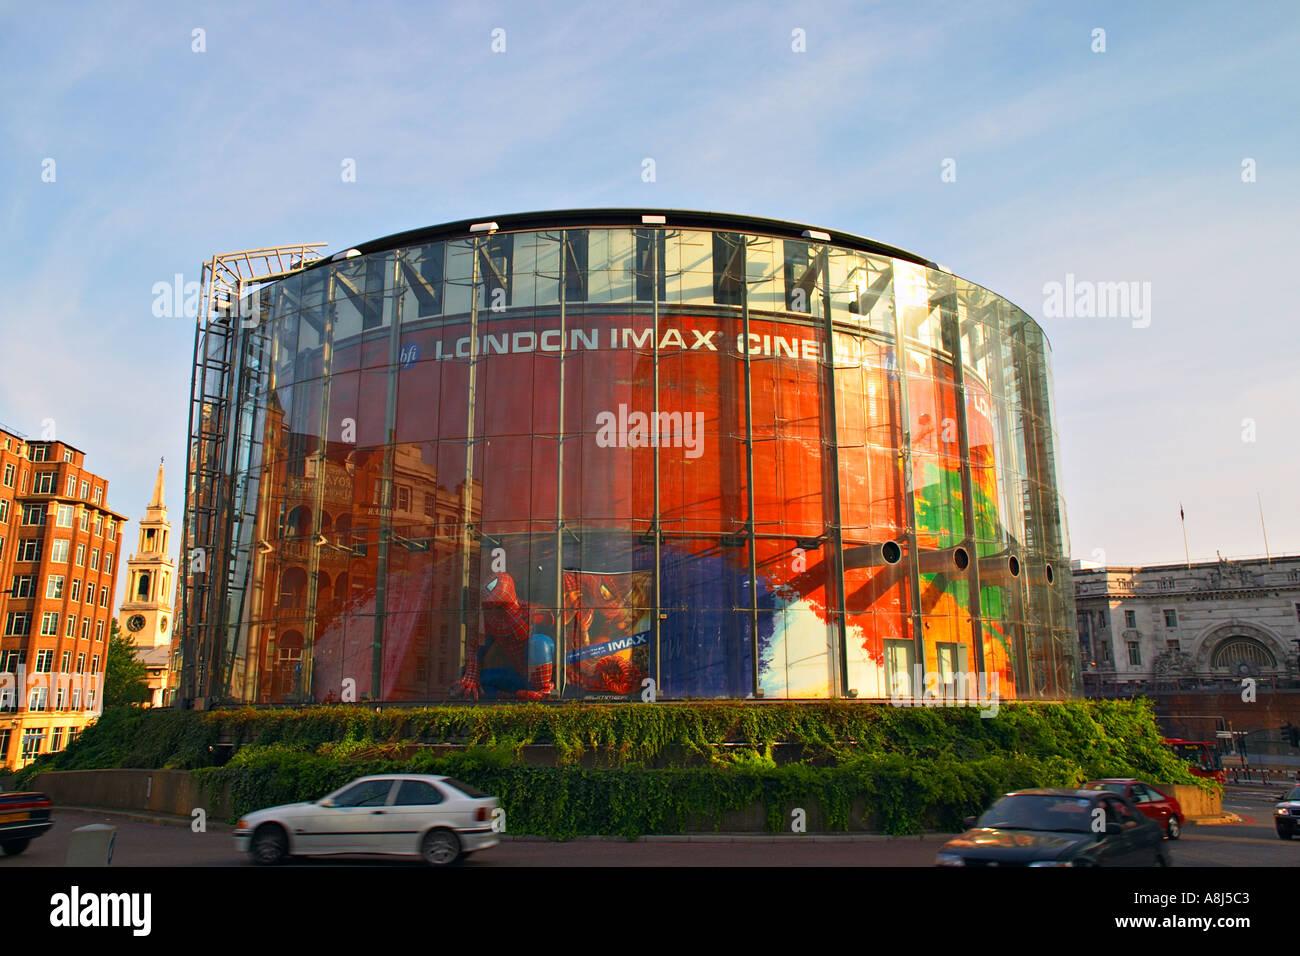 Le cinéma IMAX de Londres Uk Photo Stock